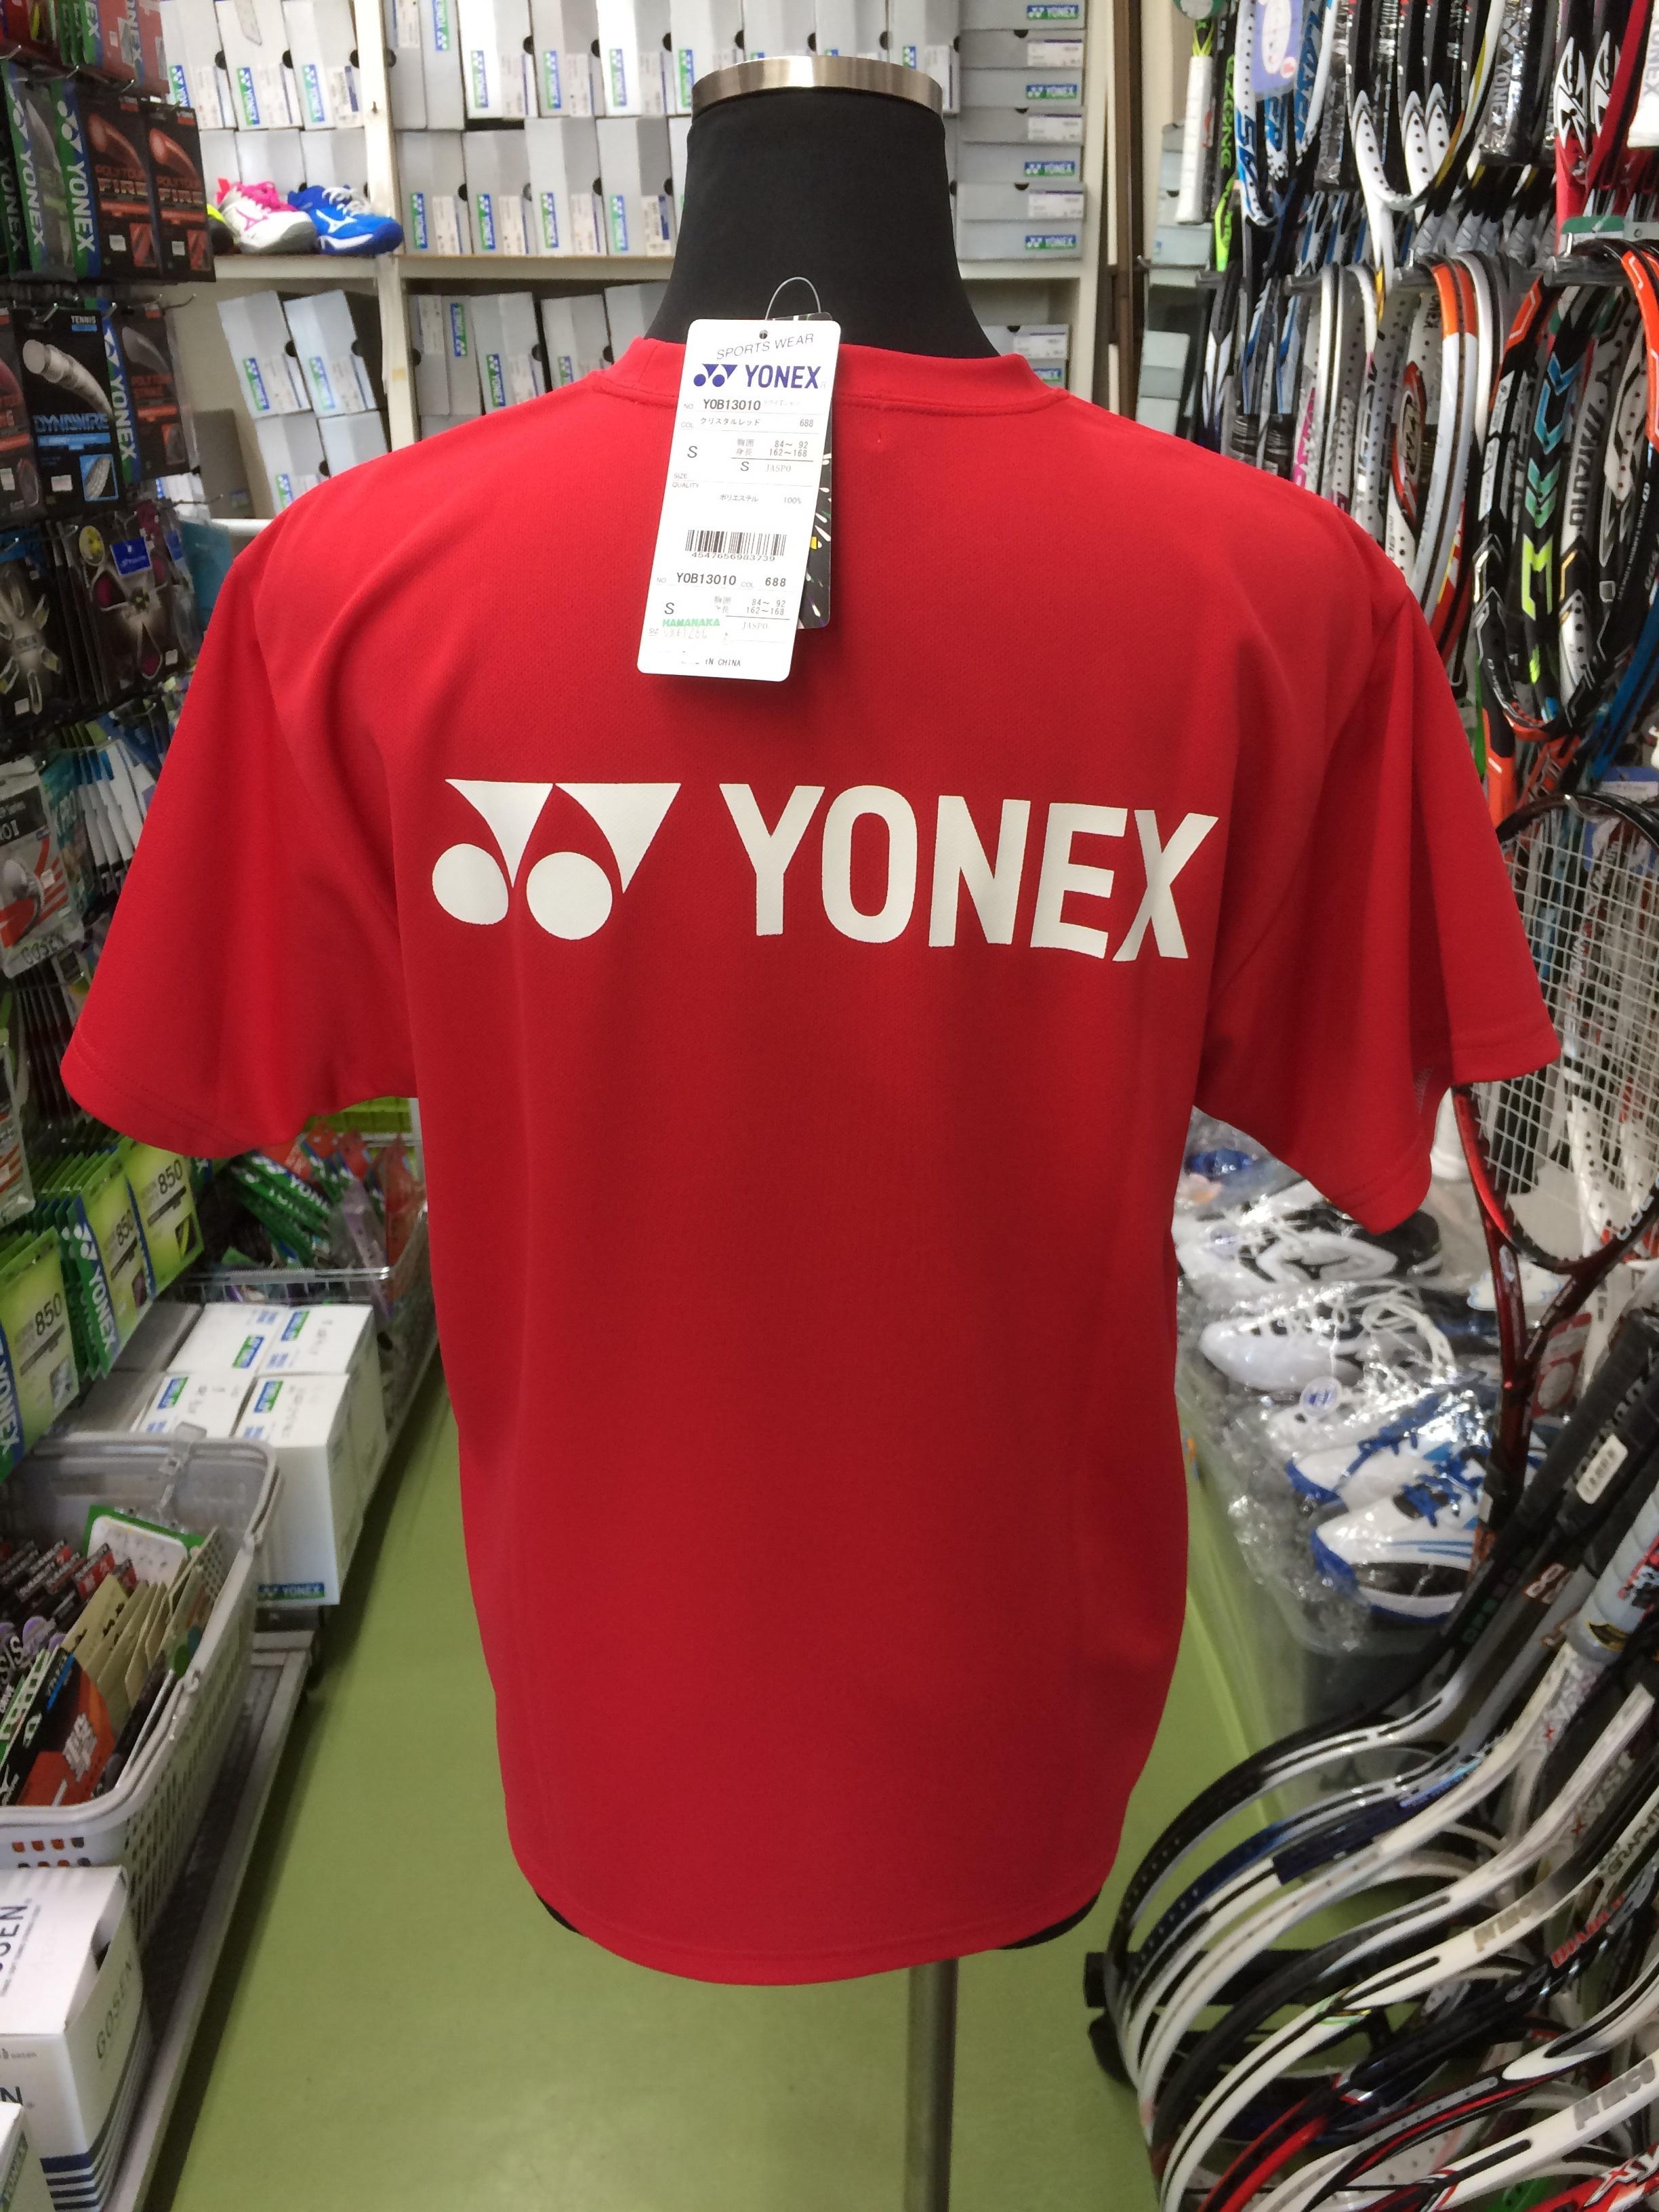 ヨネックス ユニドライTシャツ YOB13010 - 画像5